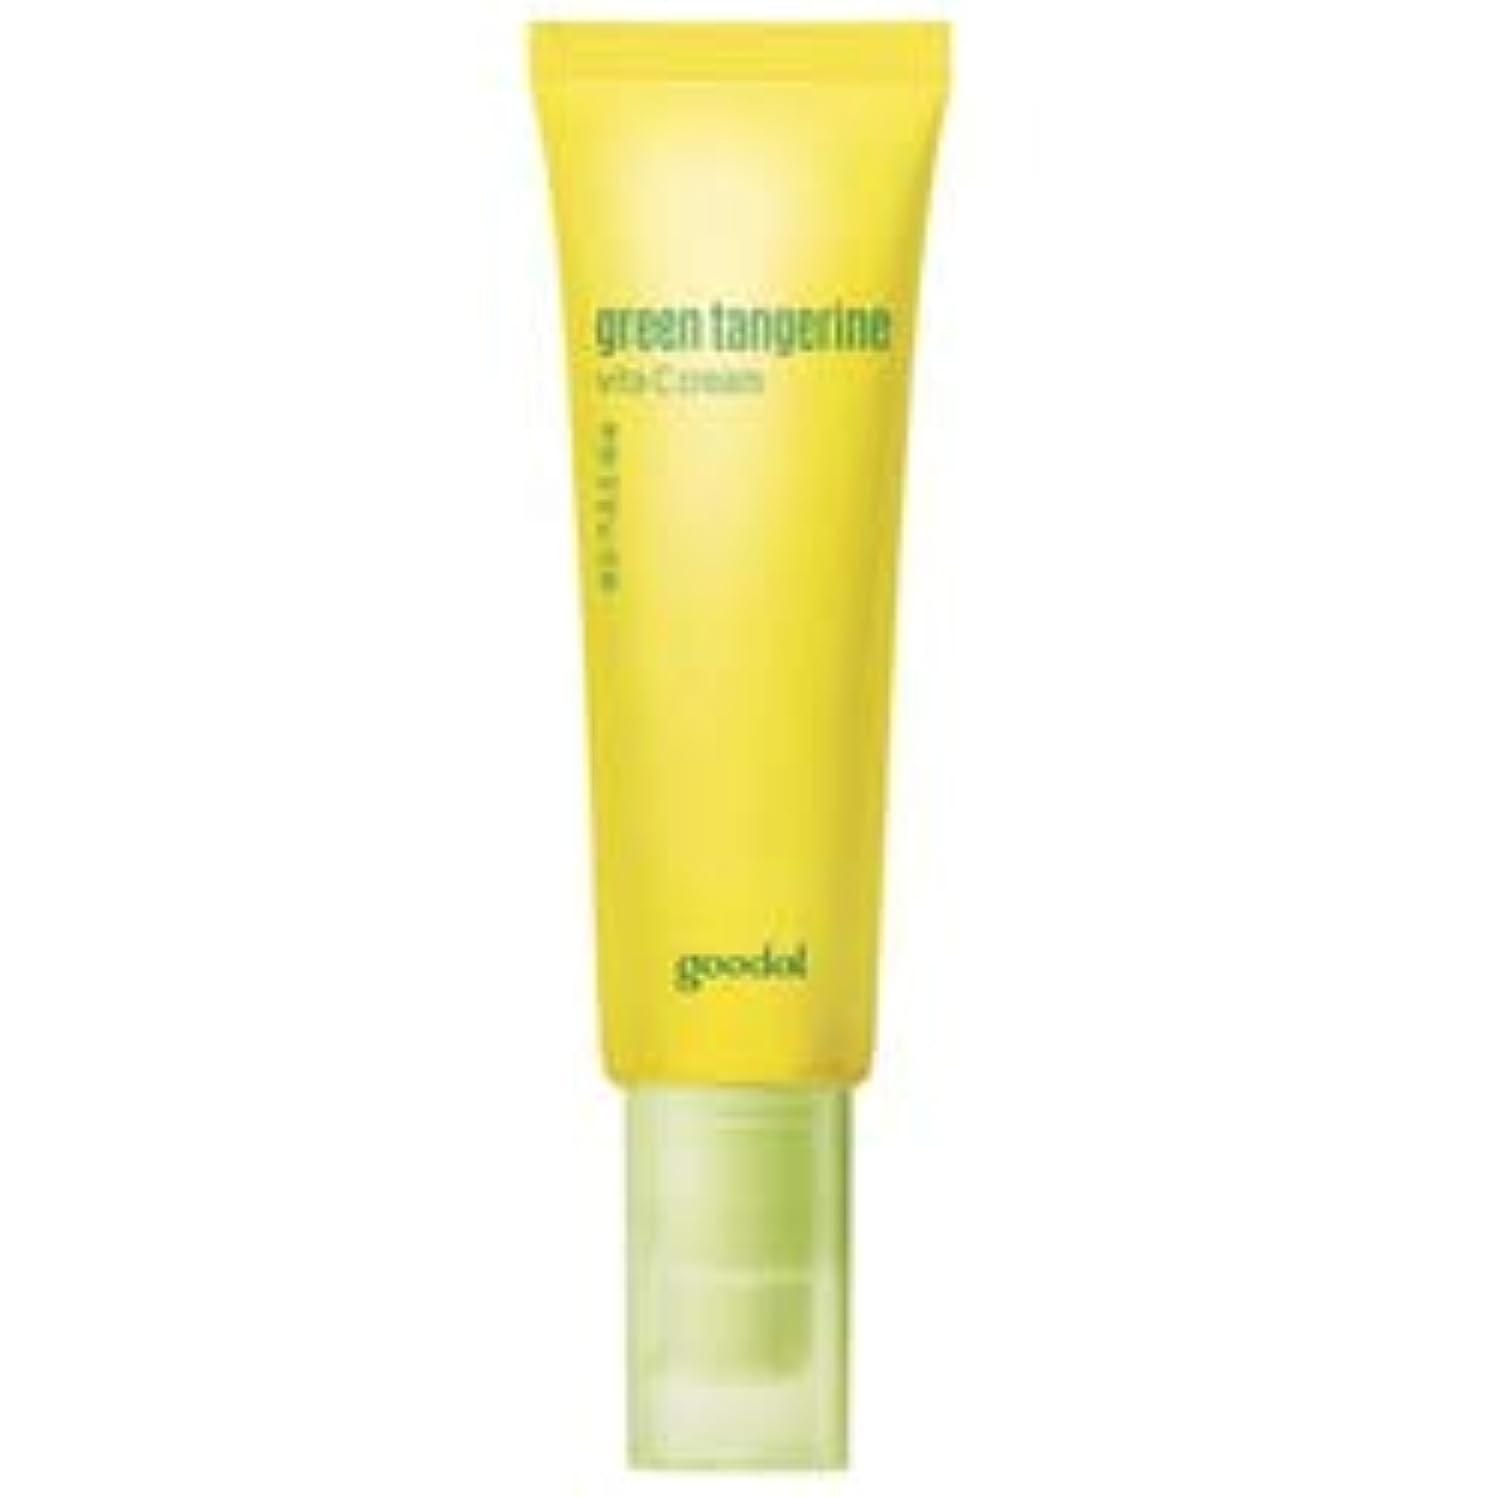 スチールブラインドる[goodal] Green Tangerine Vita C cream 50ml / [グーダル]タンジェリン ビタC クリーム 50ml [並行輸入品]